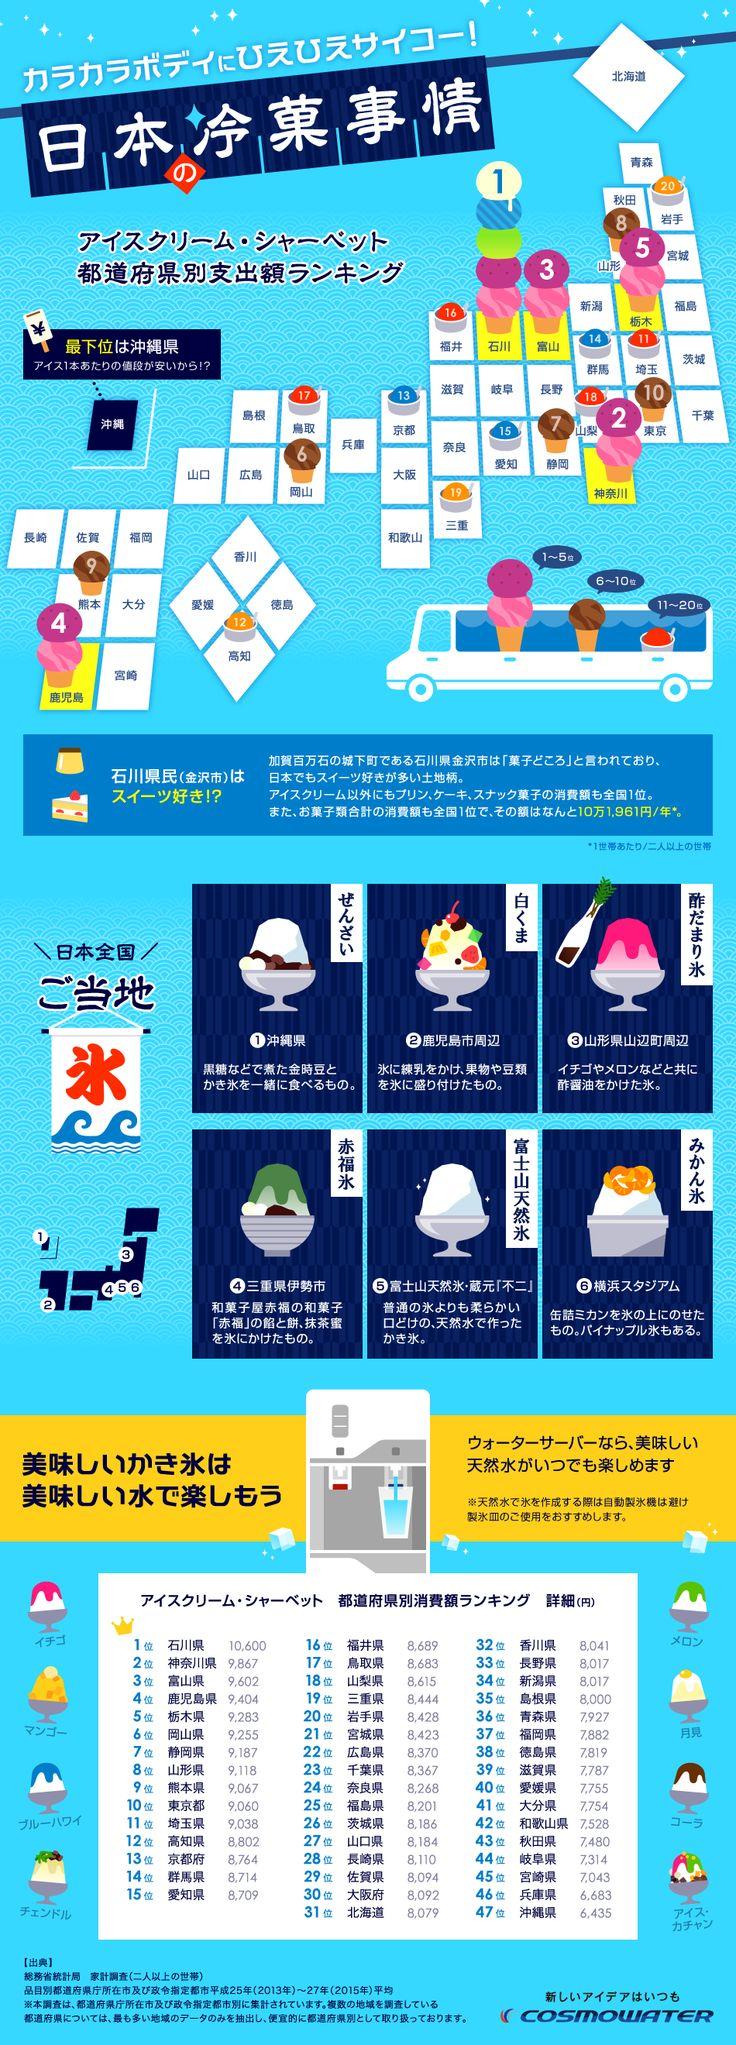 日本の冷菓事情 都道府県ランキング | infographic.jp − インフォグラフィックス by econte